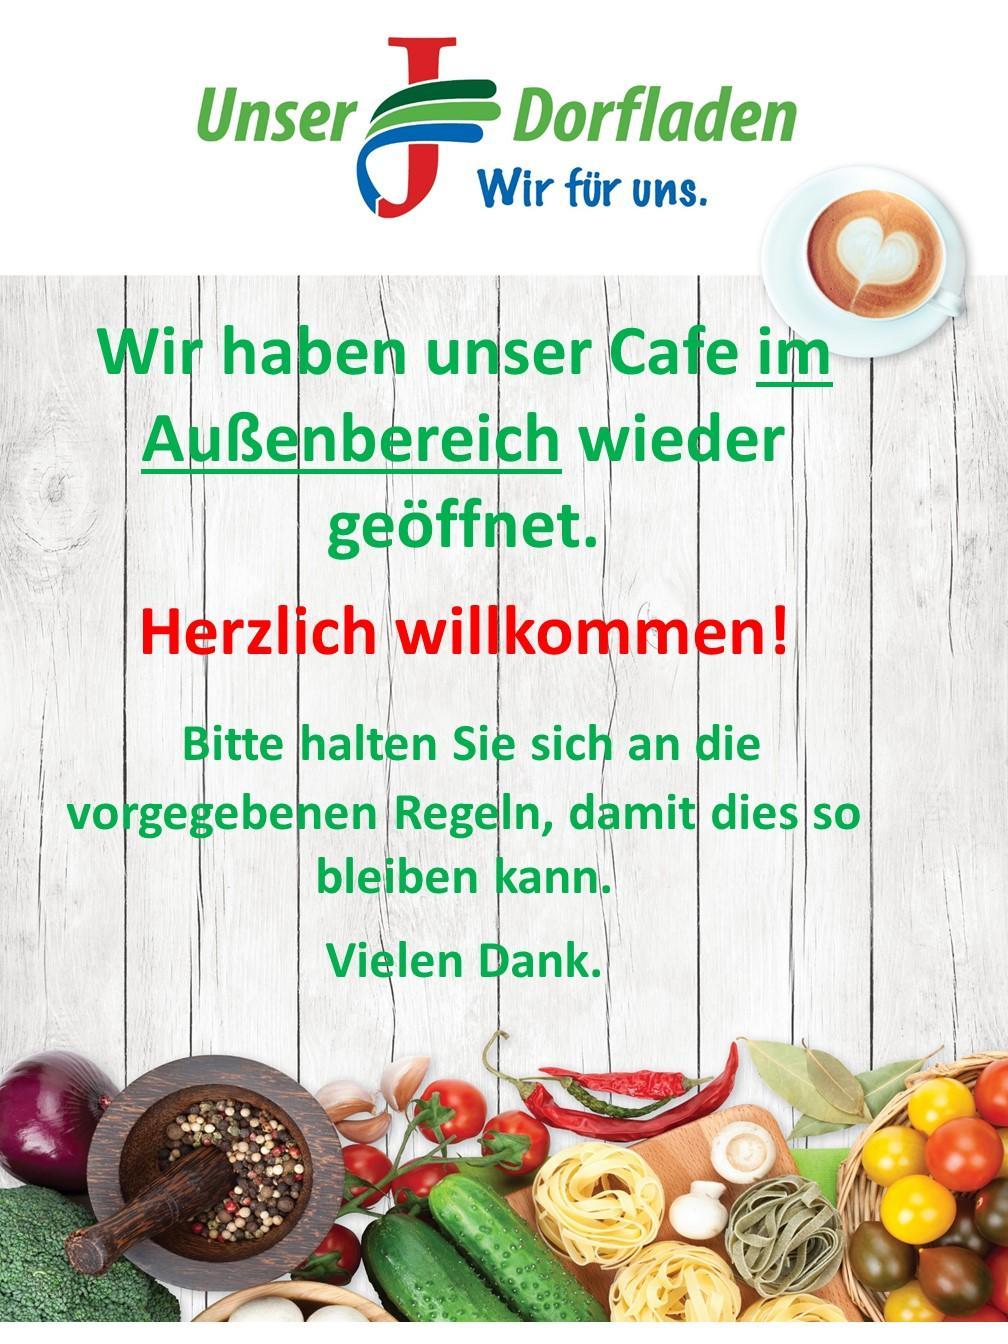 Cafe wieder geöffnet